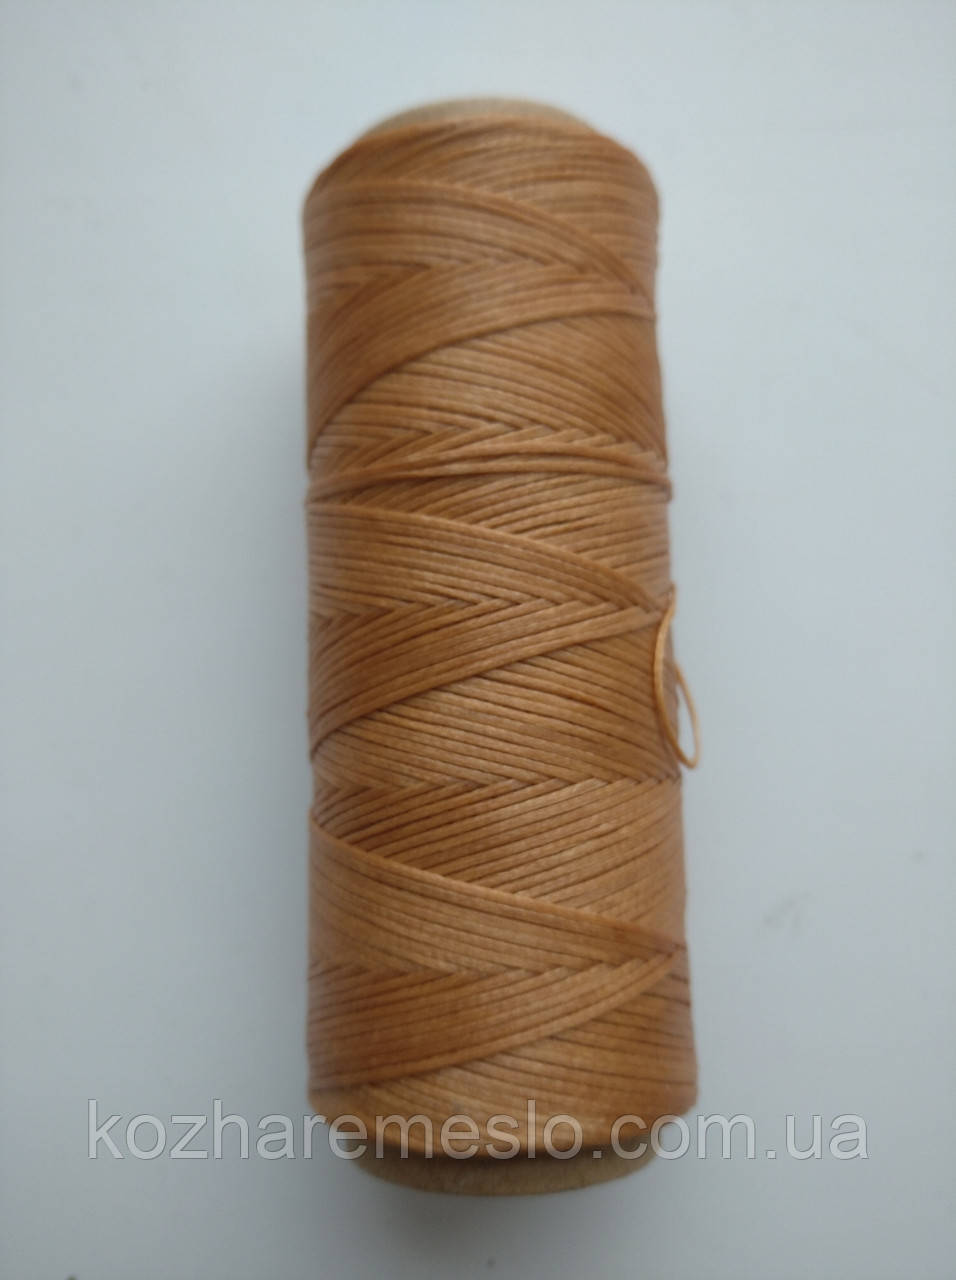 Нить вощёная плоская 0,8 мм светло-коричневая 100 метров